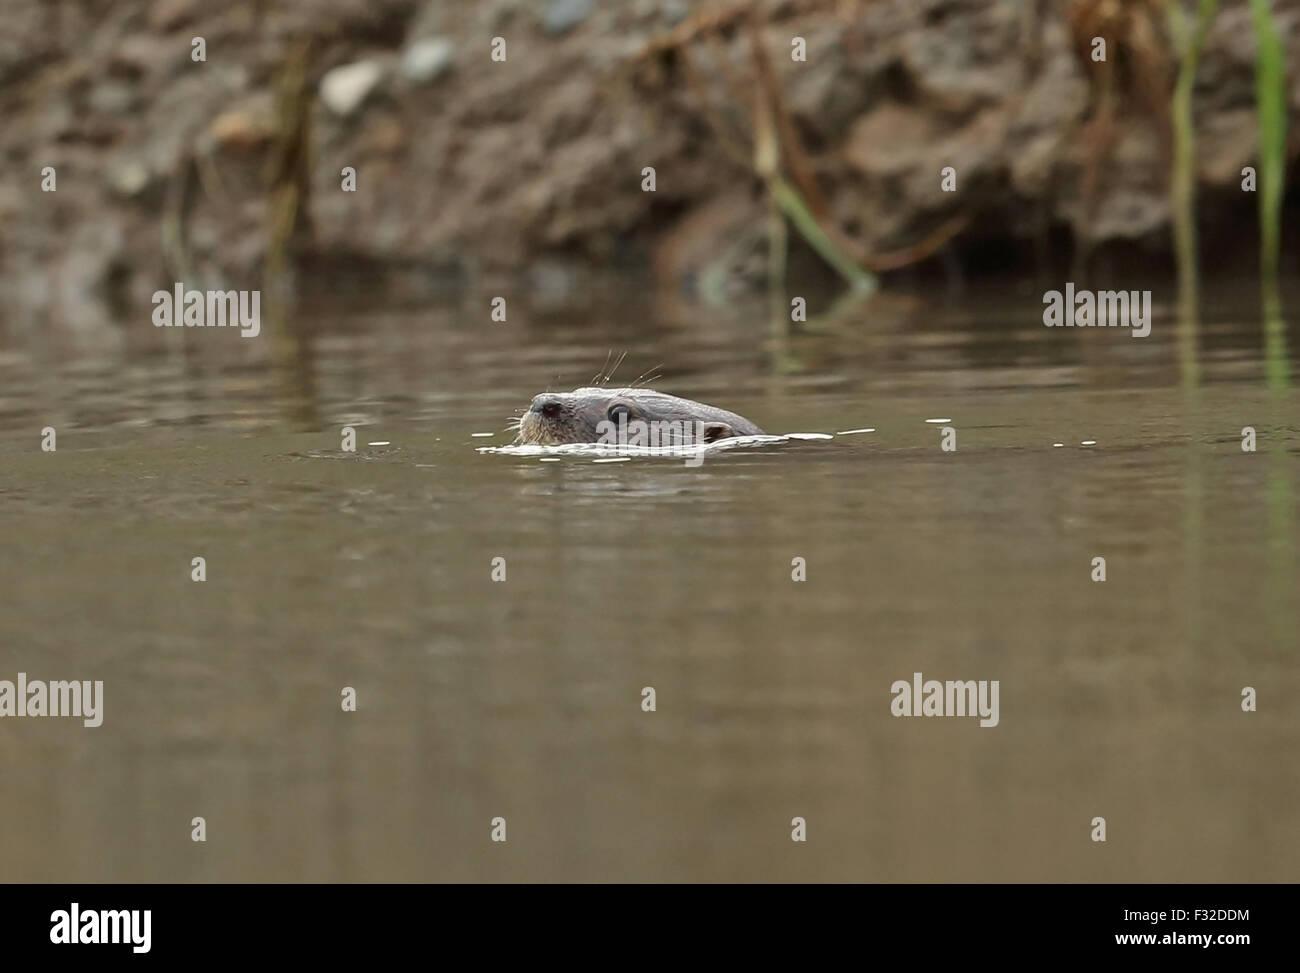 La loutre néotropicale (Lontra longicaudis annectens) adulte, nager à la surface de la rivière, fleuve Chucunaque, Darien, Panama, Avril Banque D'Images